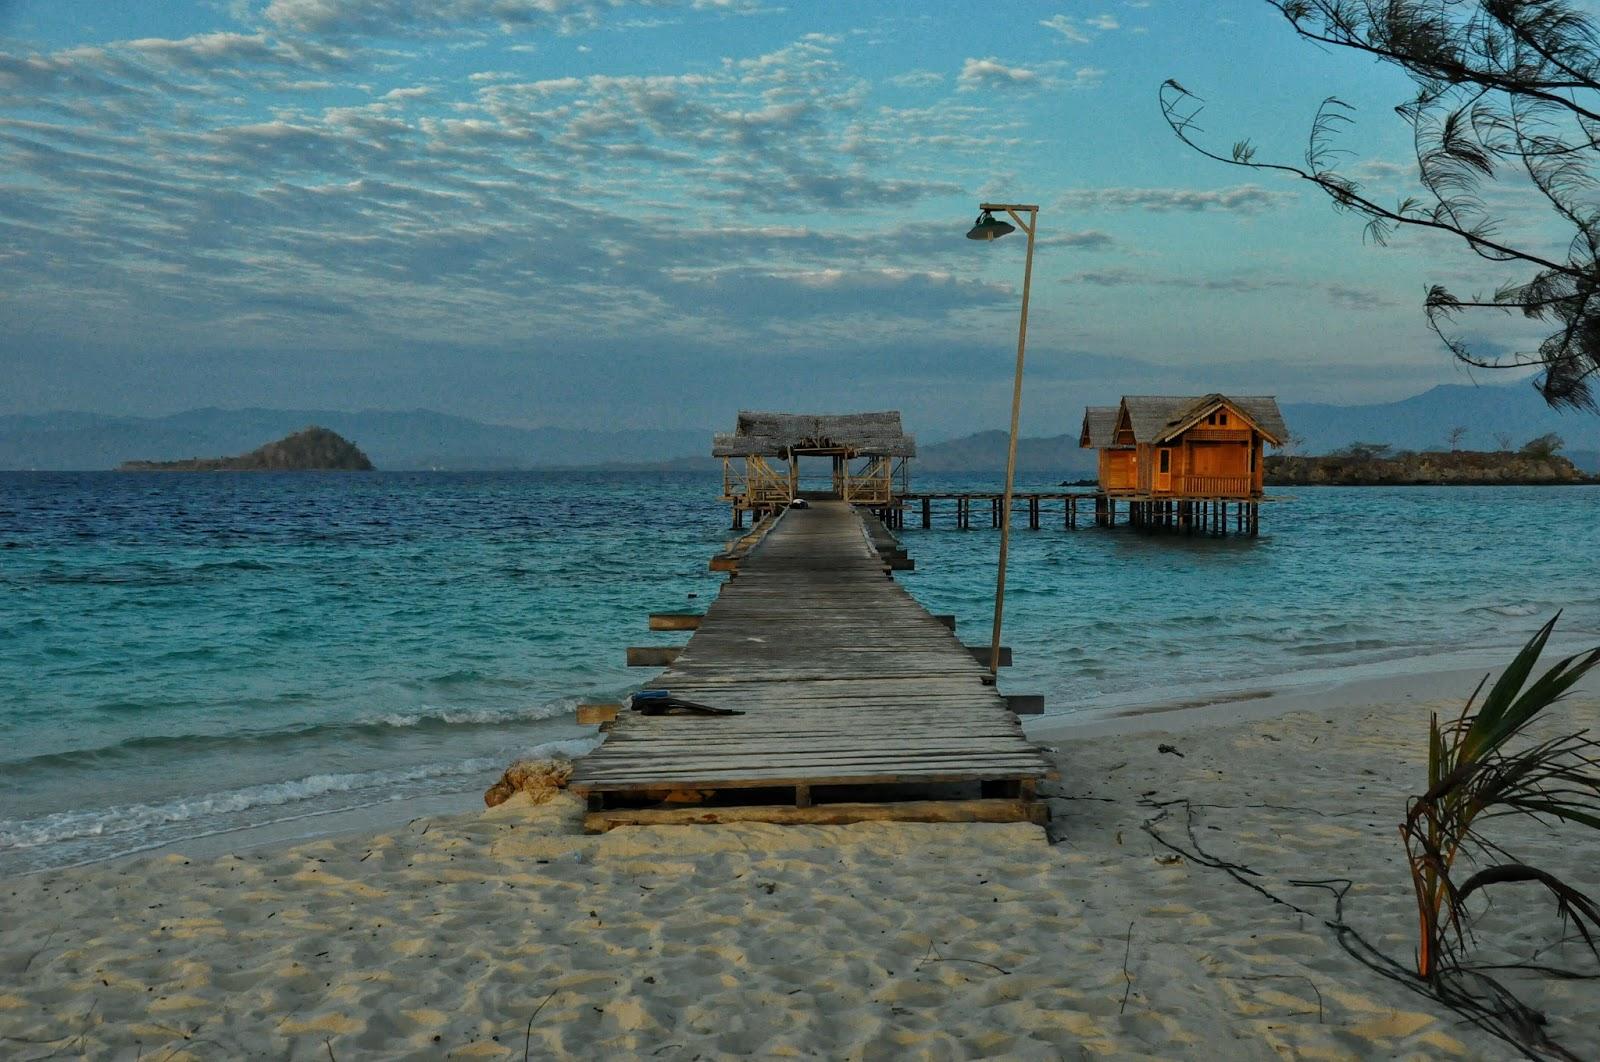 Pulau Saronde Wisata Pantai Pasir Putih Menawan Kakigatal Kab Gorontalo